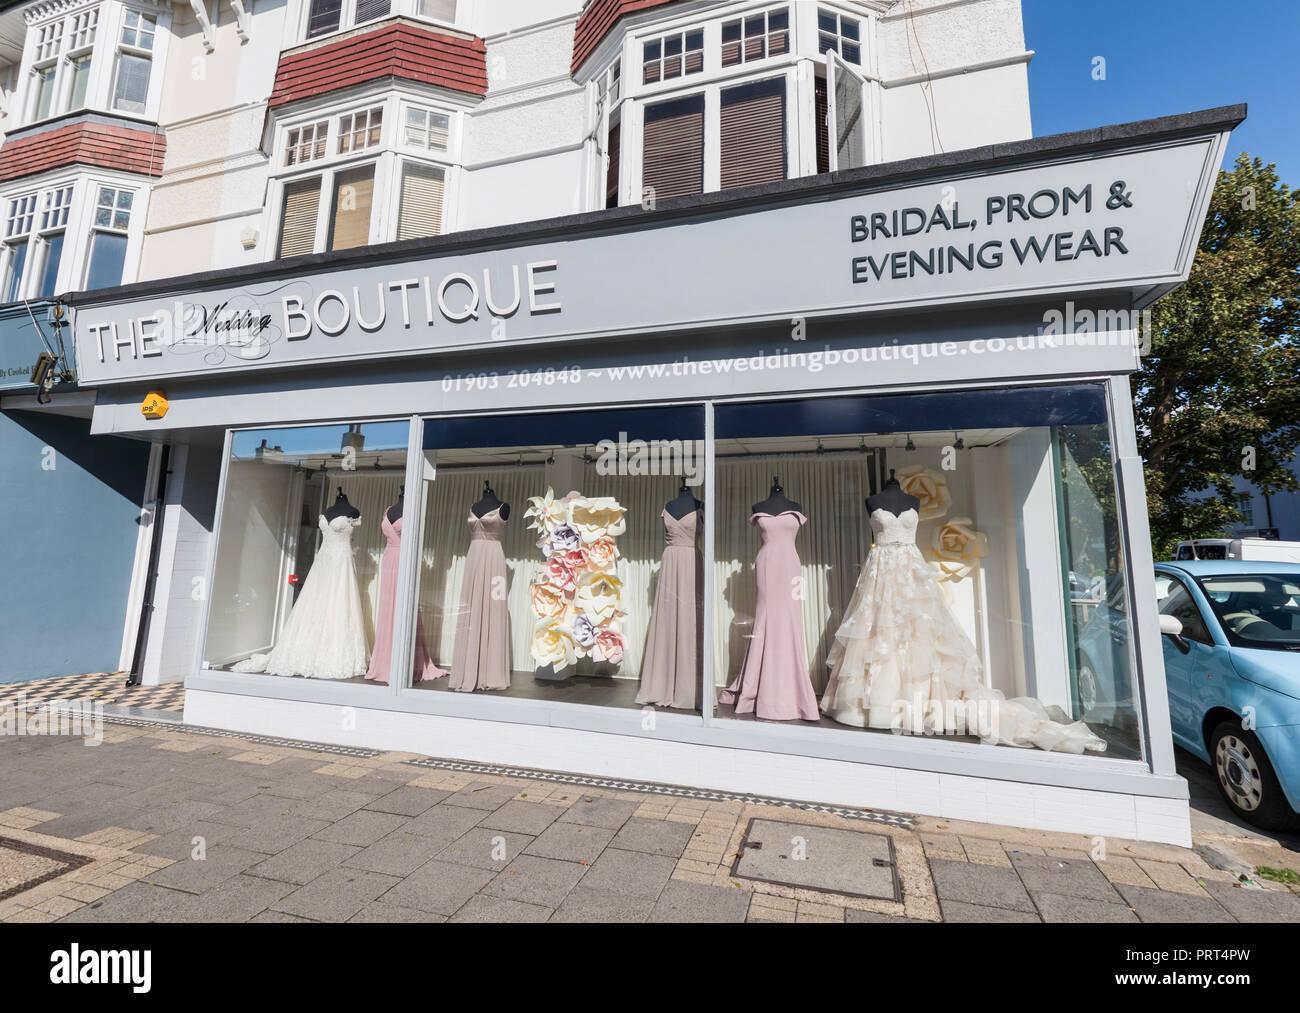 Die Hochzeit Boutique Shop Verkauf von Braut-, prom Kleidung in